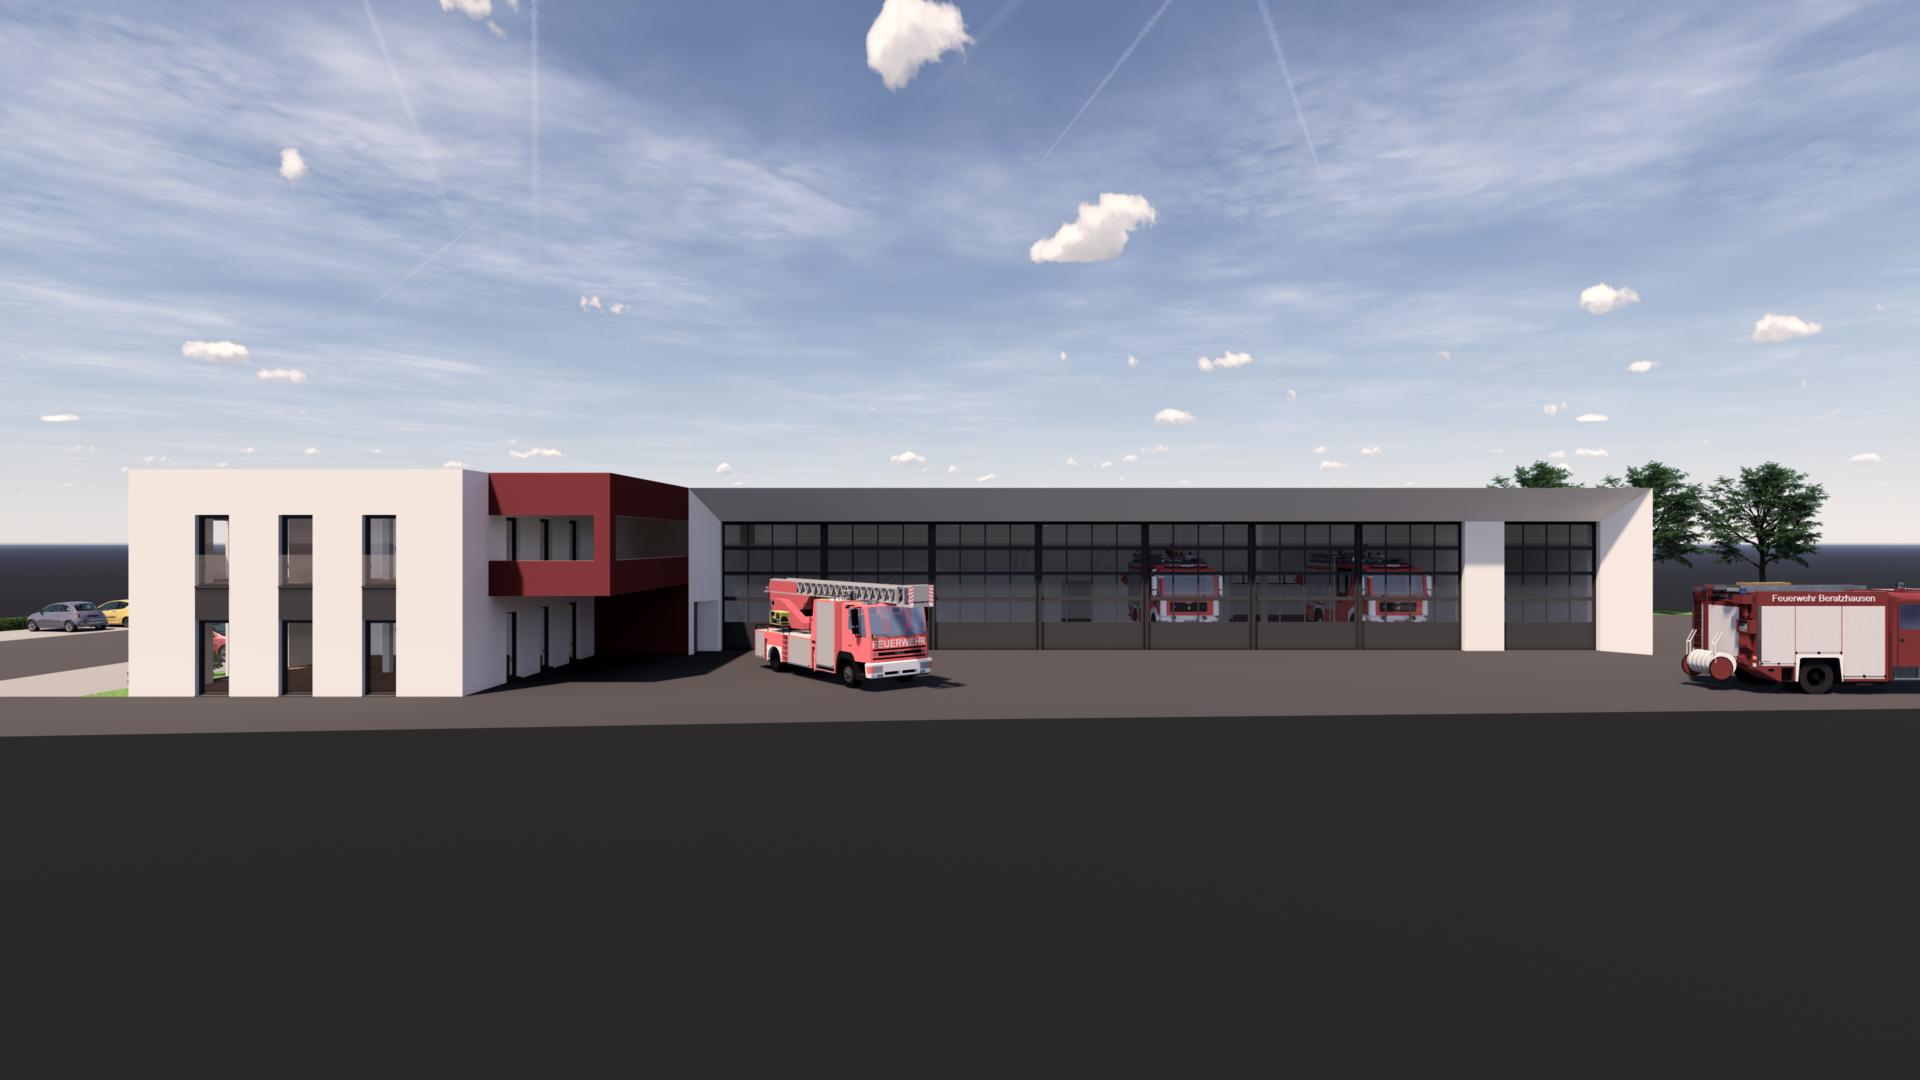 Neubau eines Feuerwehrgerätehauses in Beratzhausen